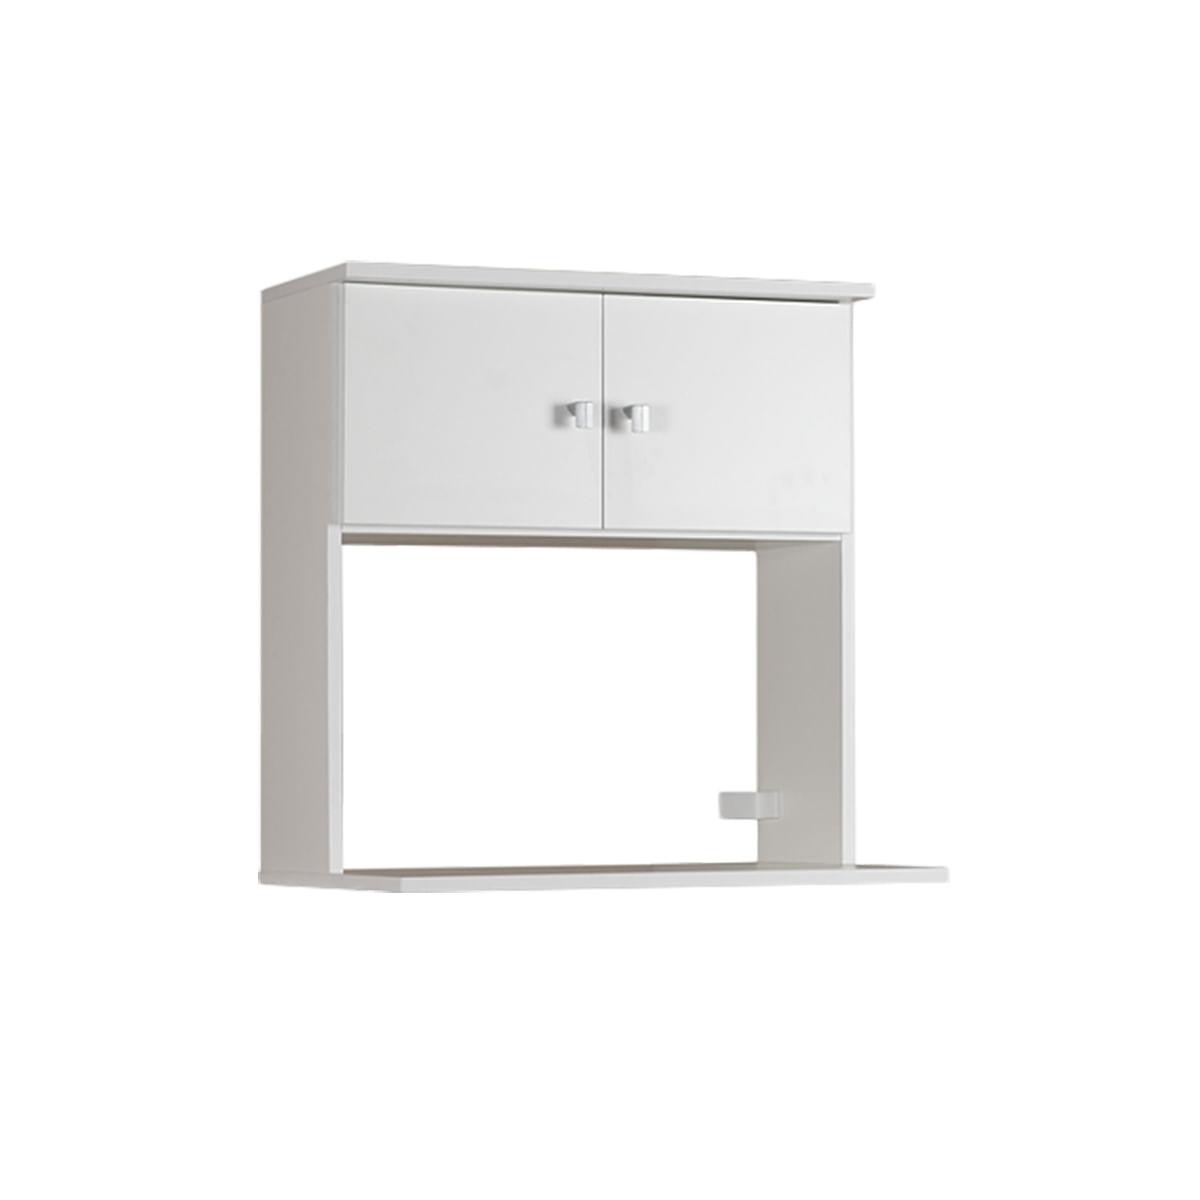 mueble-microondas